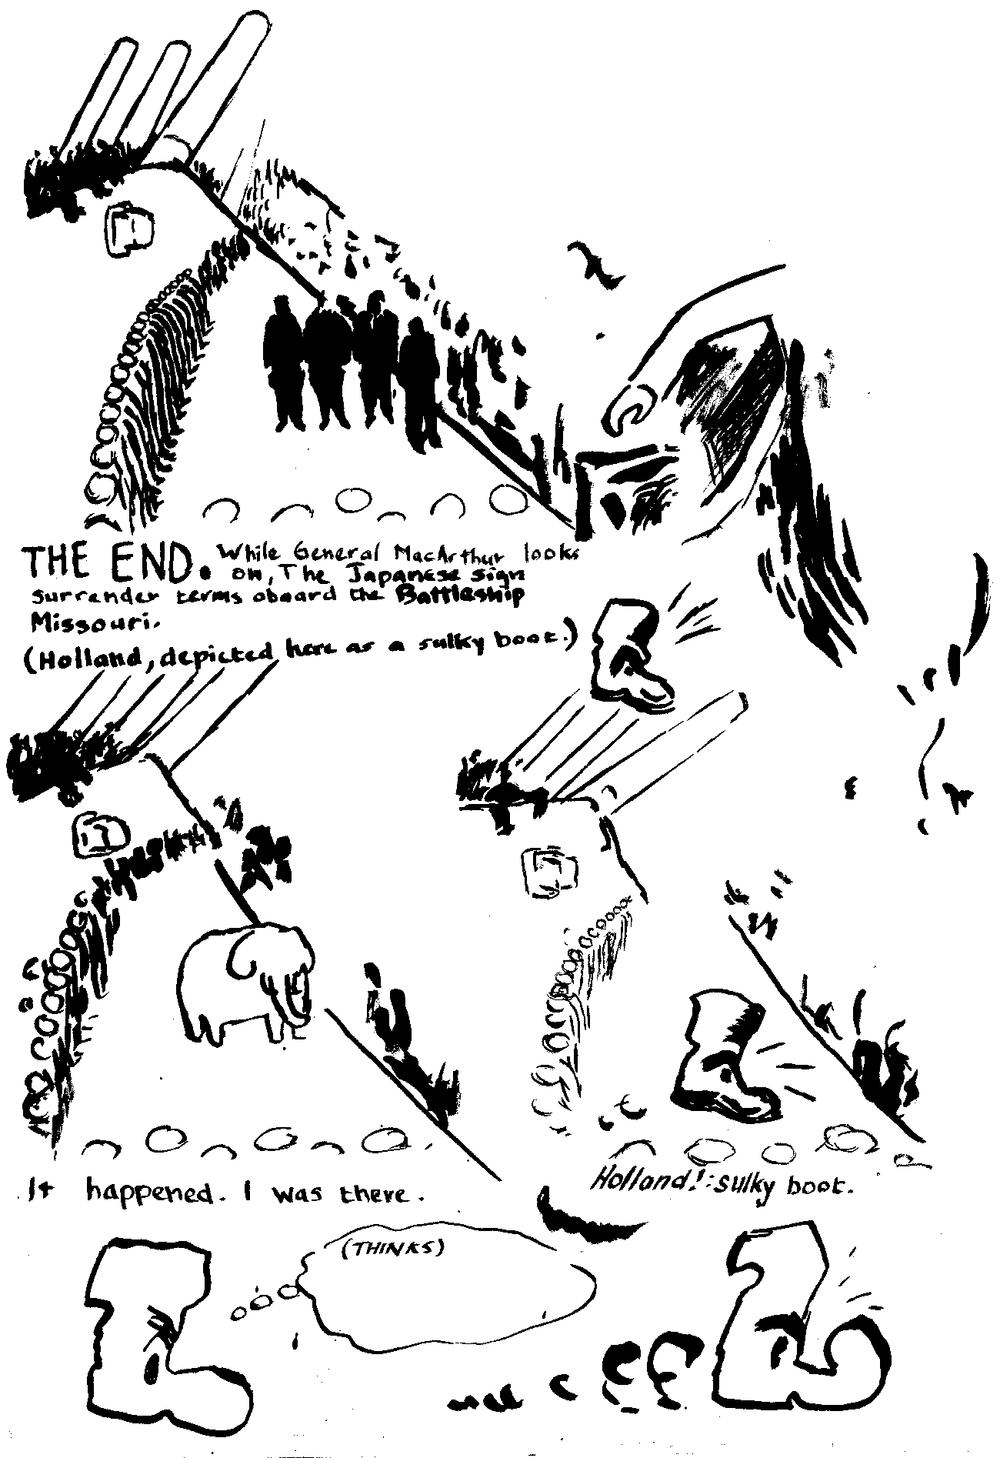 TheEnd1.png